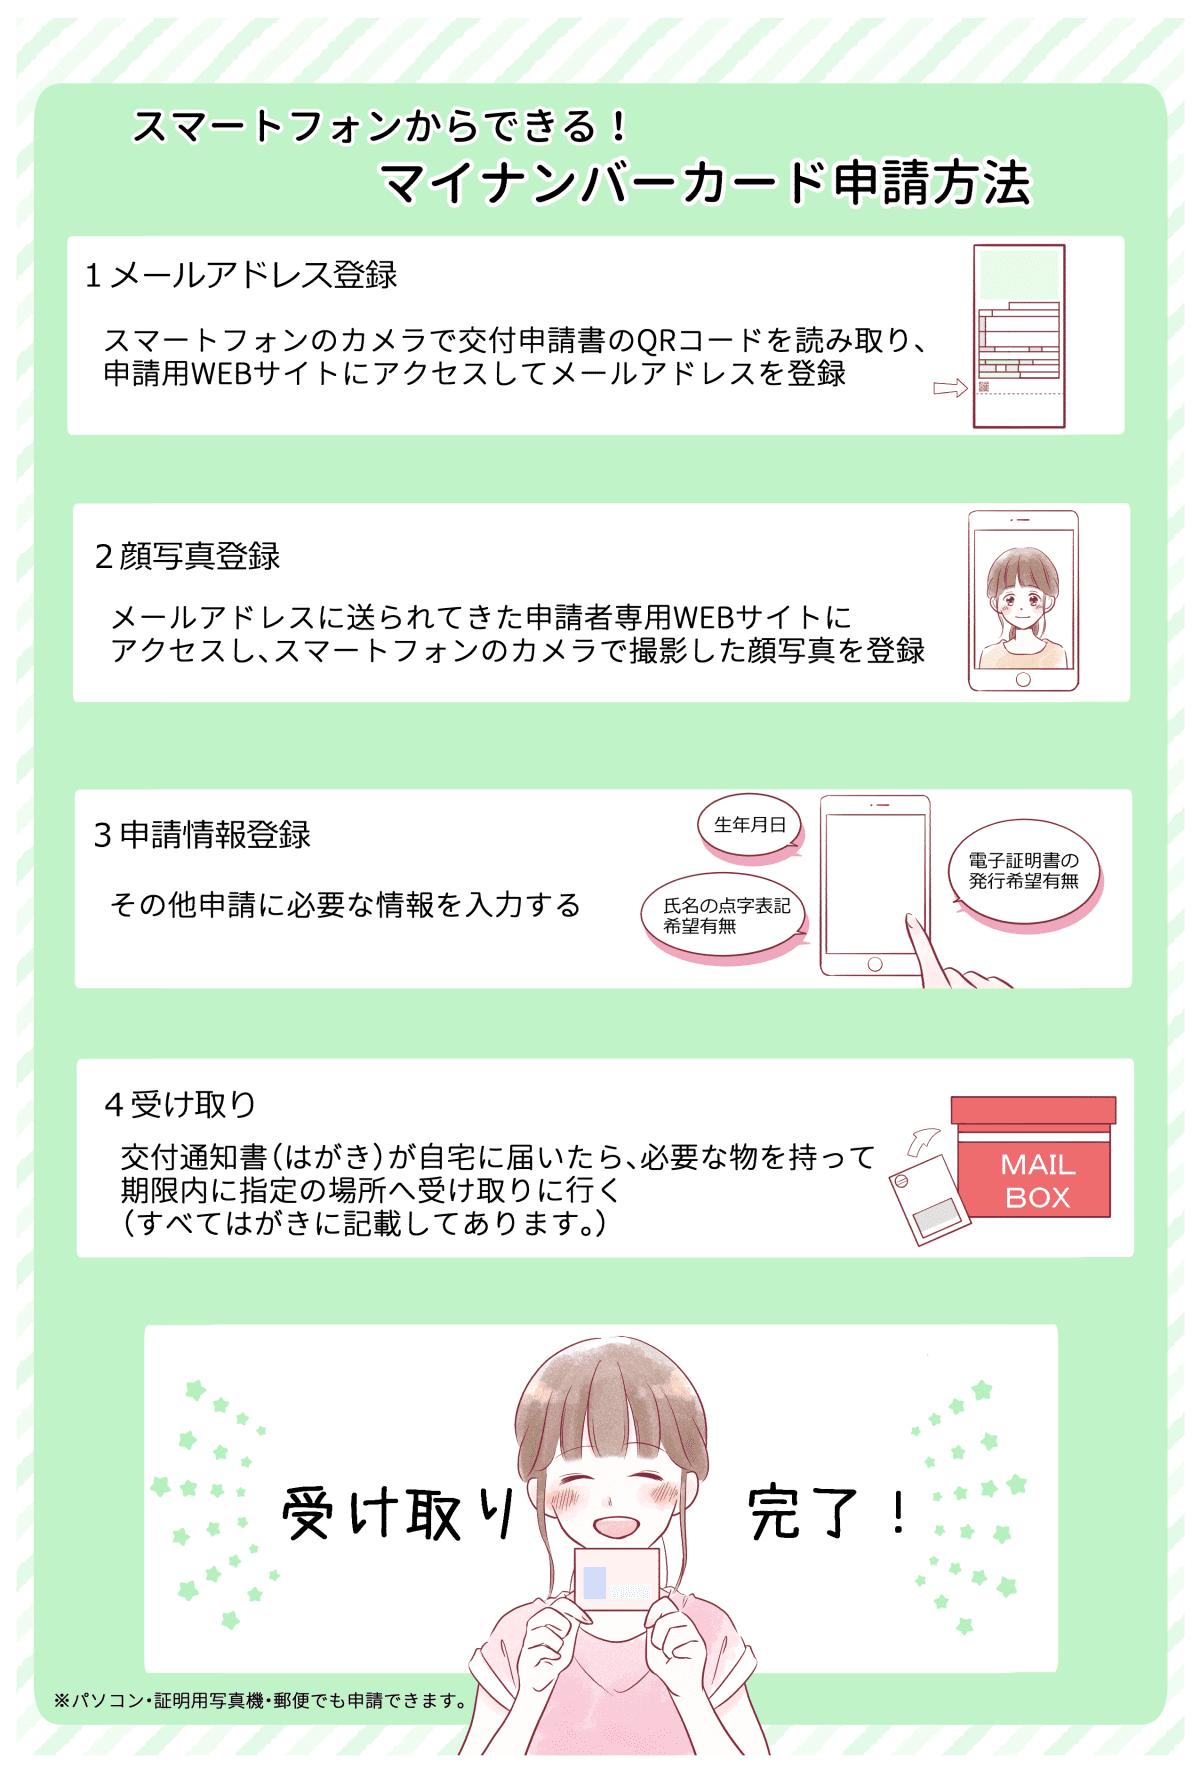 マイナンバーカード5(1)